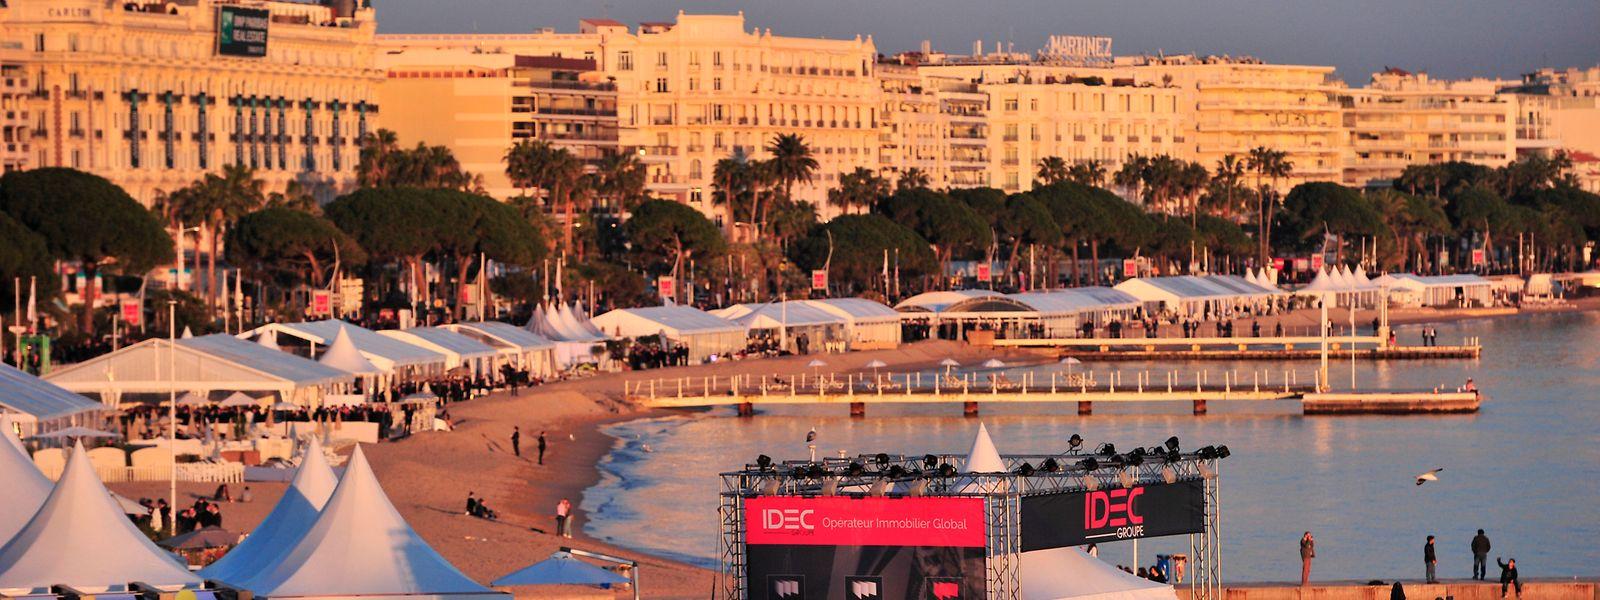 Le marché international des professionnels de l'immobilier (MIPIM) est installé sur la Croisette à Cannes.